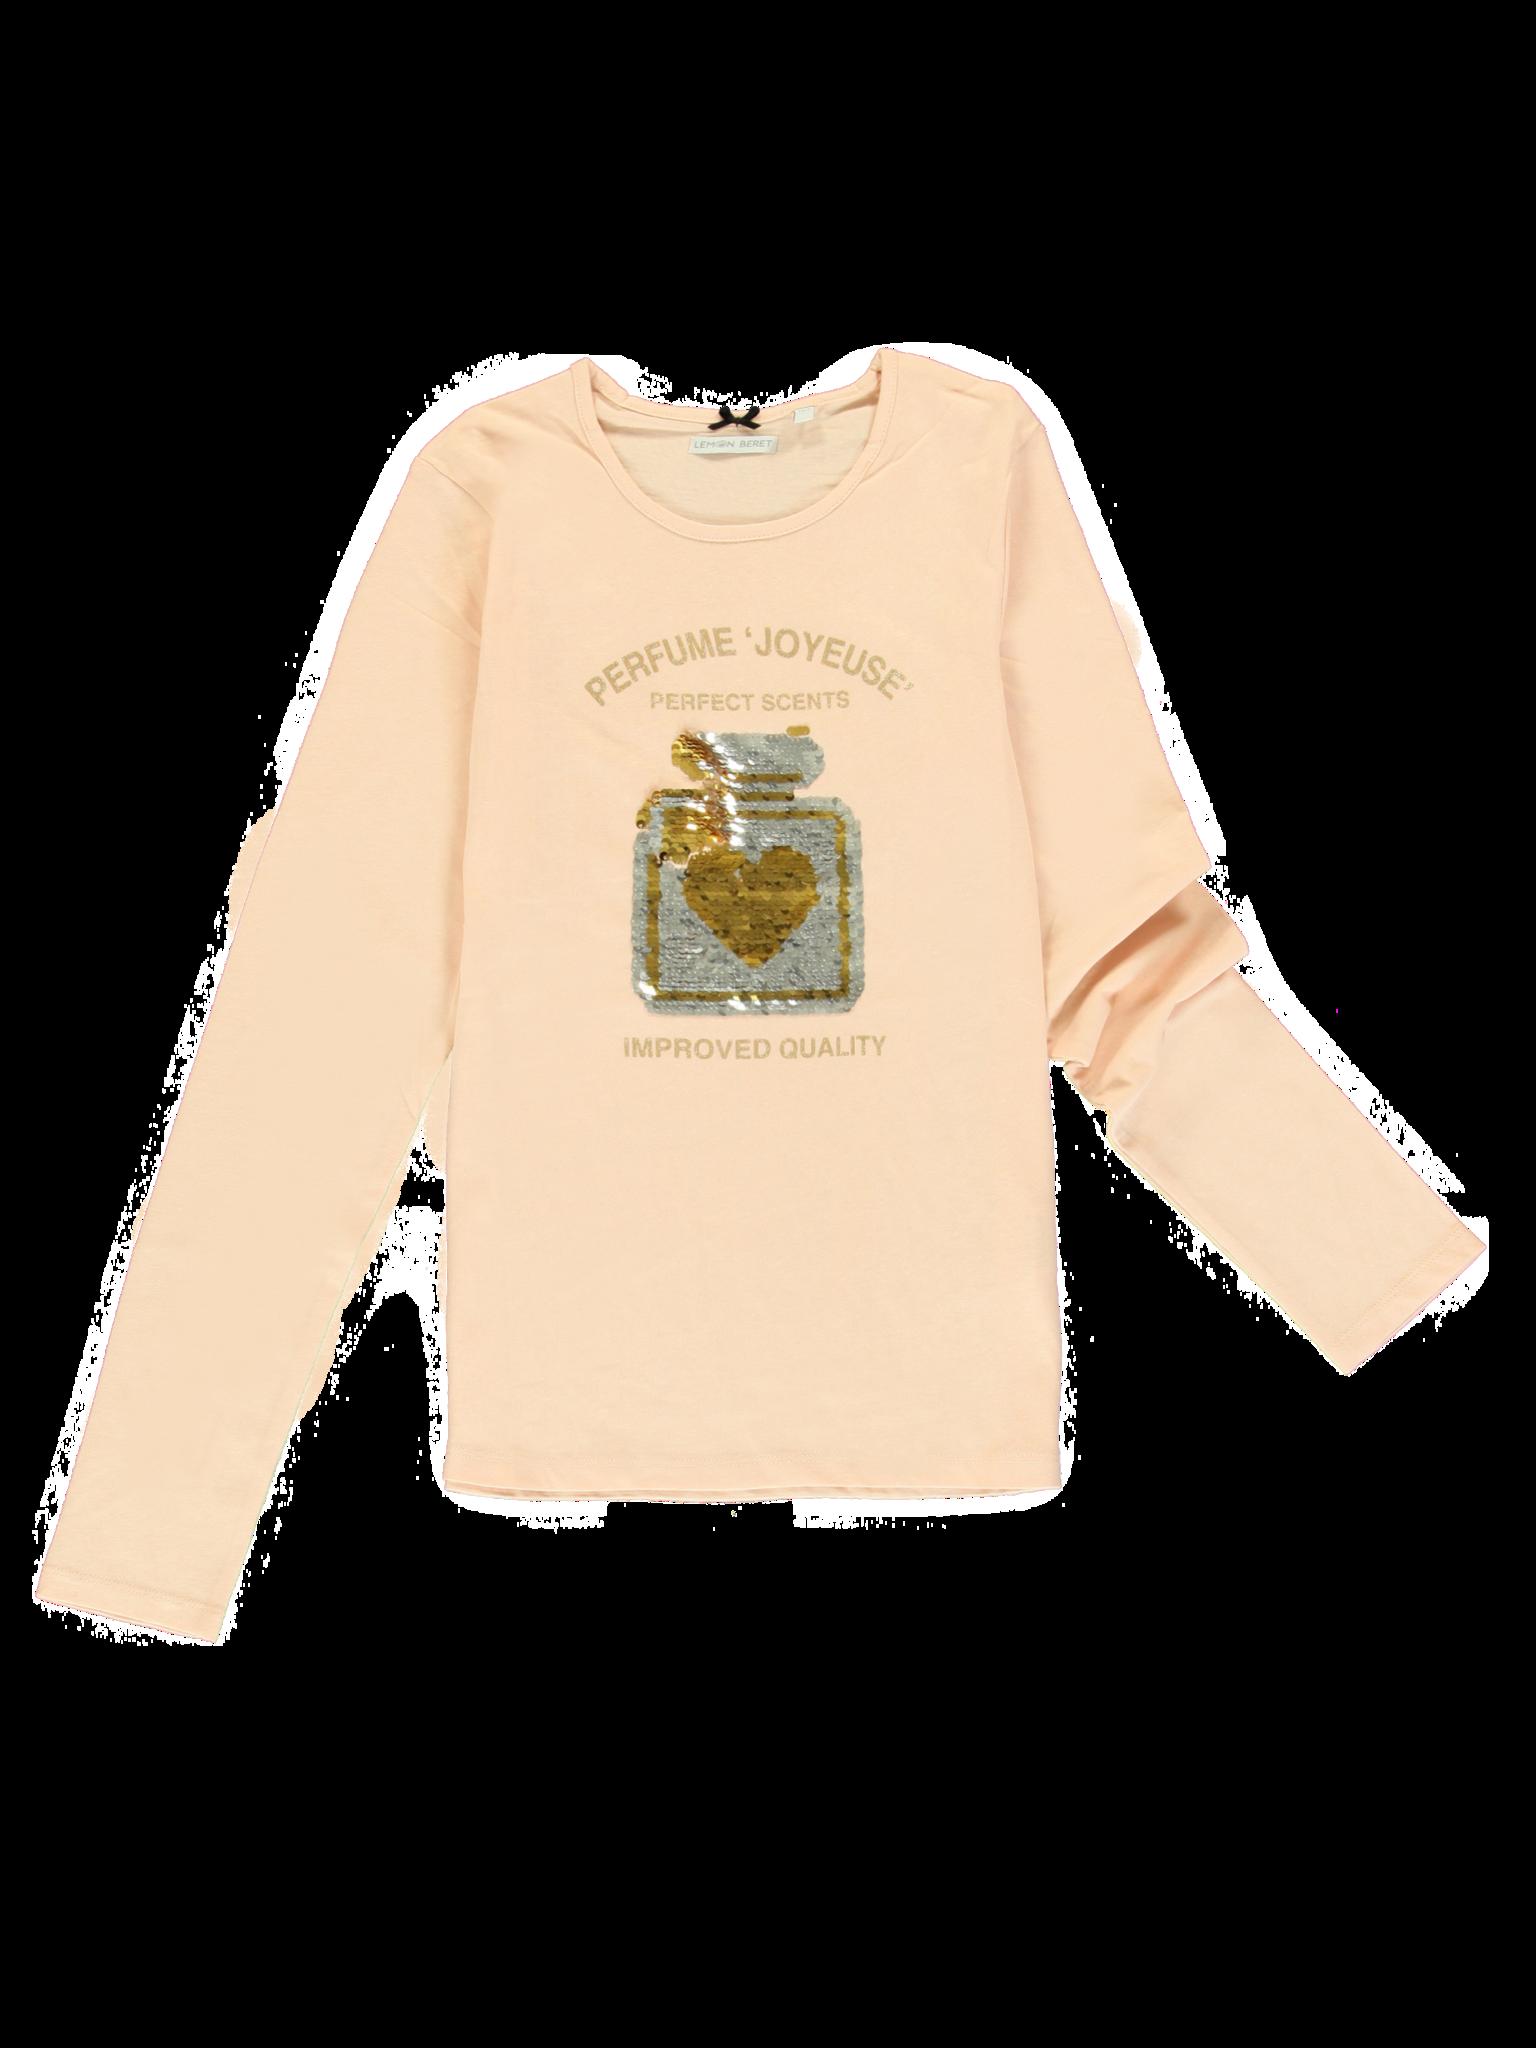 All Brands | Winterproducts Teen Girls | T-shirt | 12 pcs/box